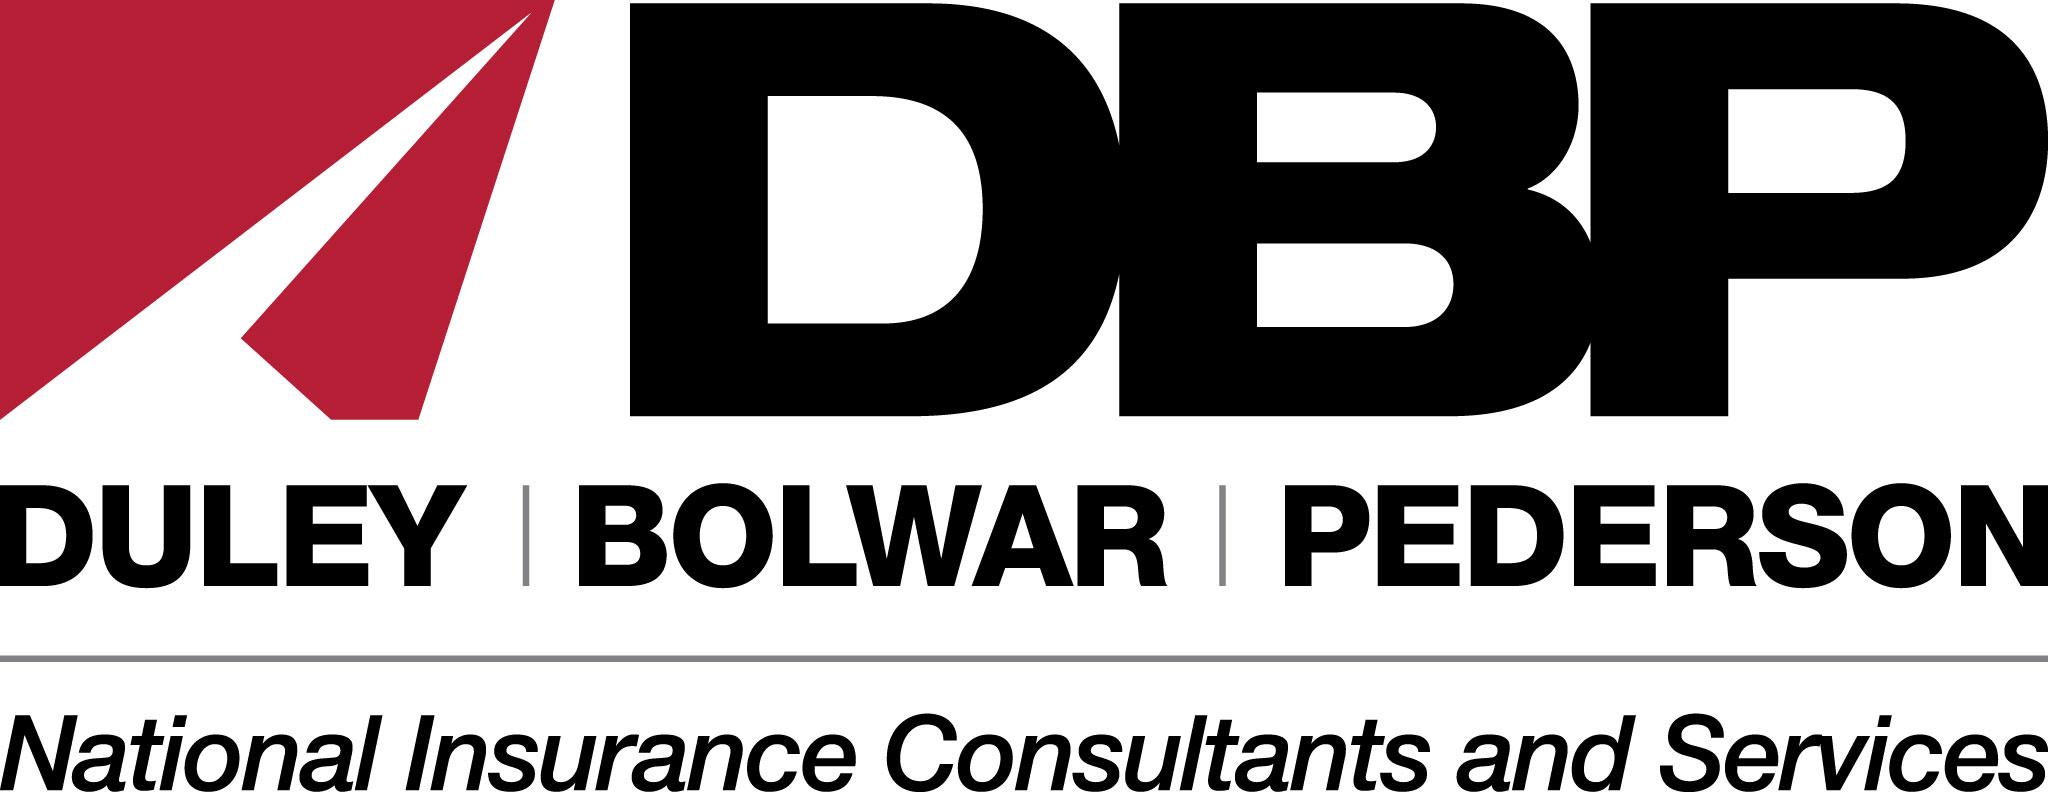 Duley Bolwar Pederson logo